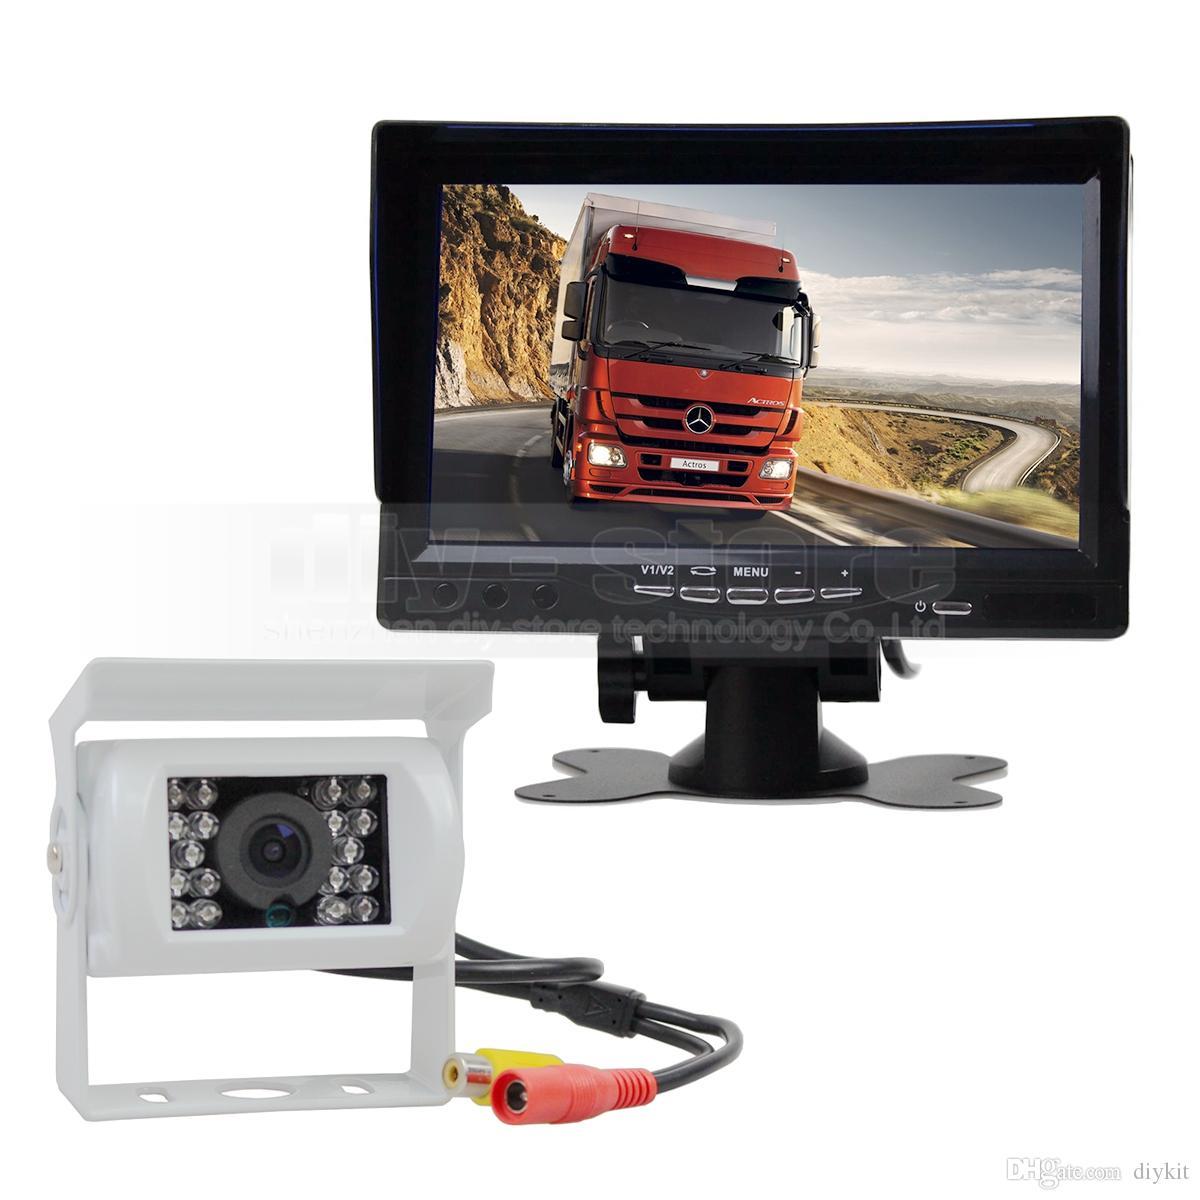 7 인치 TFT LCD 디스플레이 후면보기 자동차 모니터 방수 IR CCD 나이트 비전 후면보기 차량용 카메라 캐러밴 버스 밴